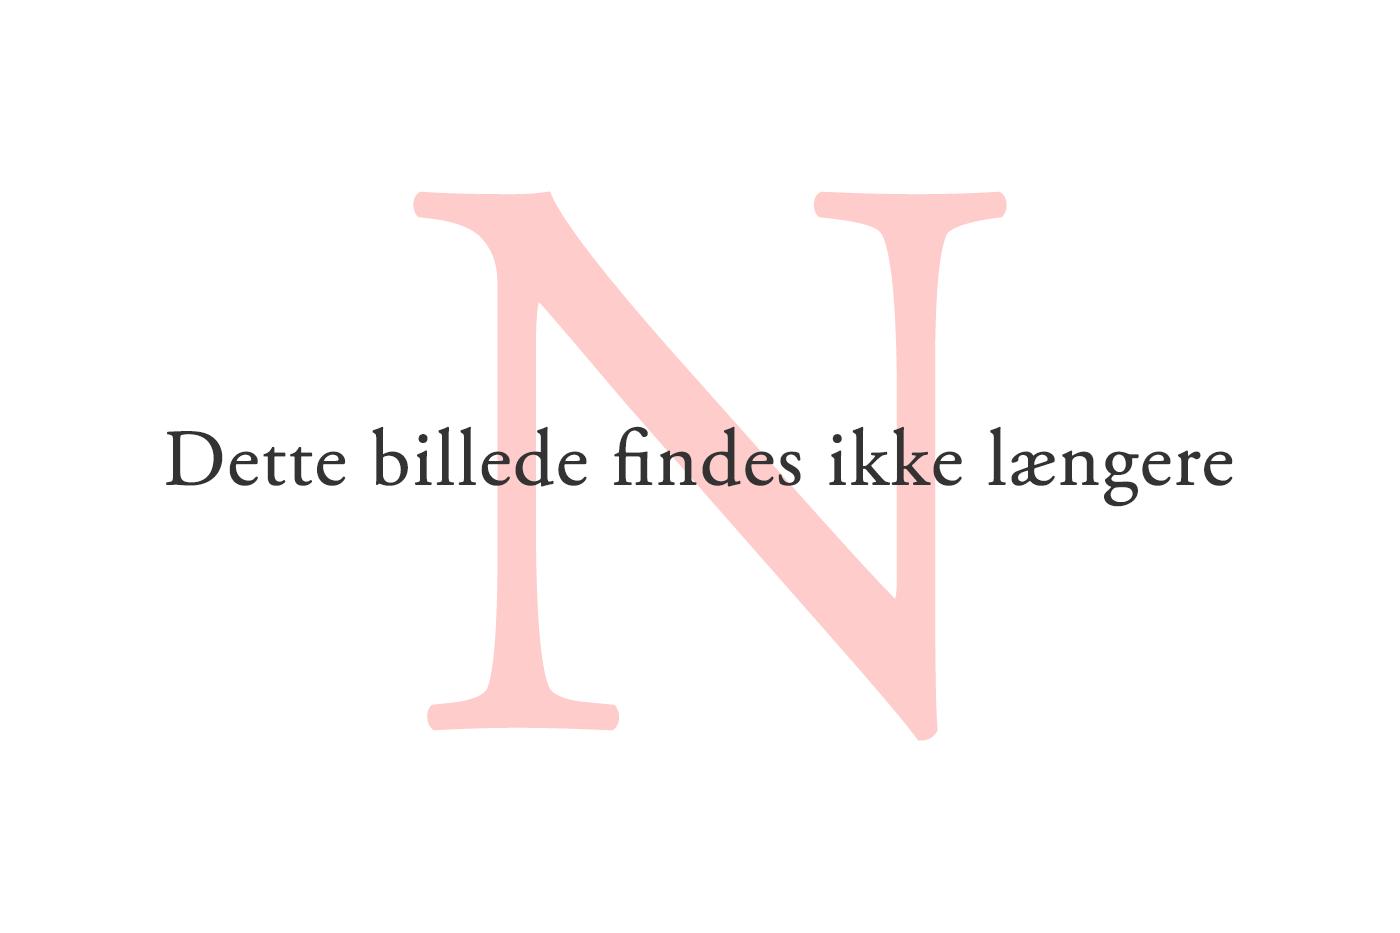 Mange danskere får ikke taget stilling til organdonation. Foto Pixabay